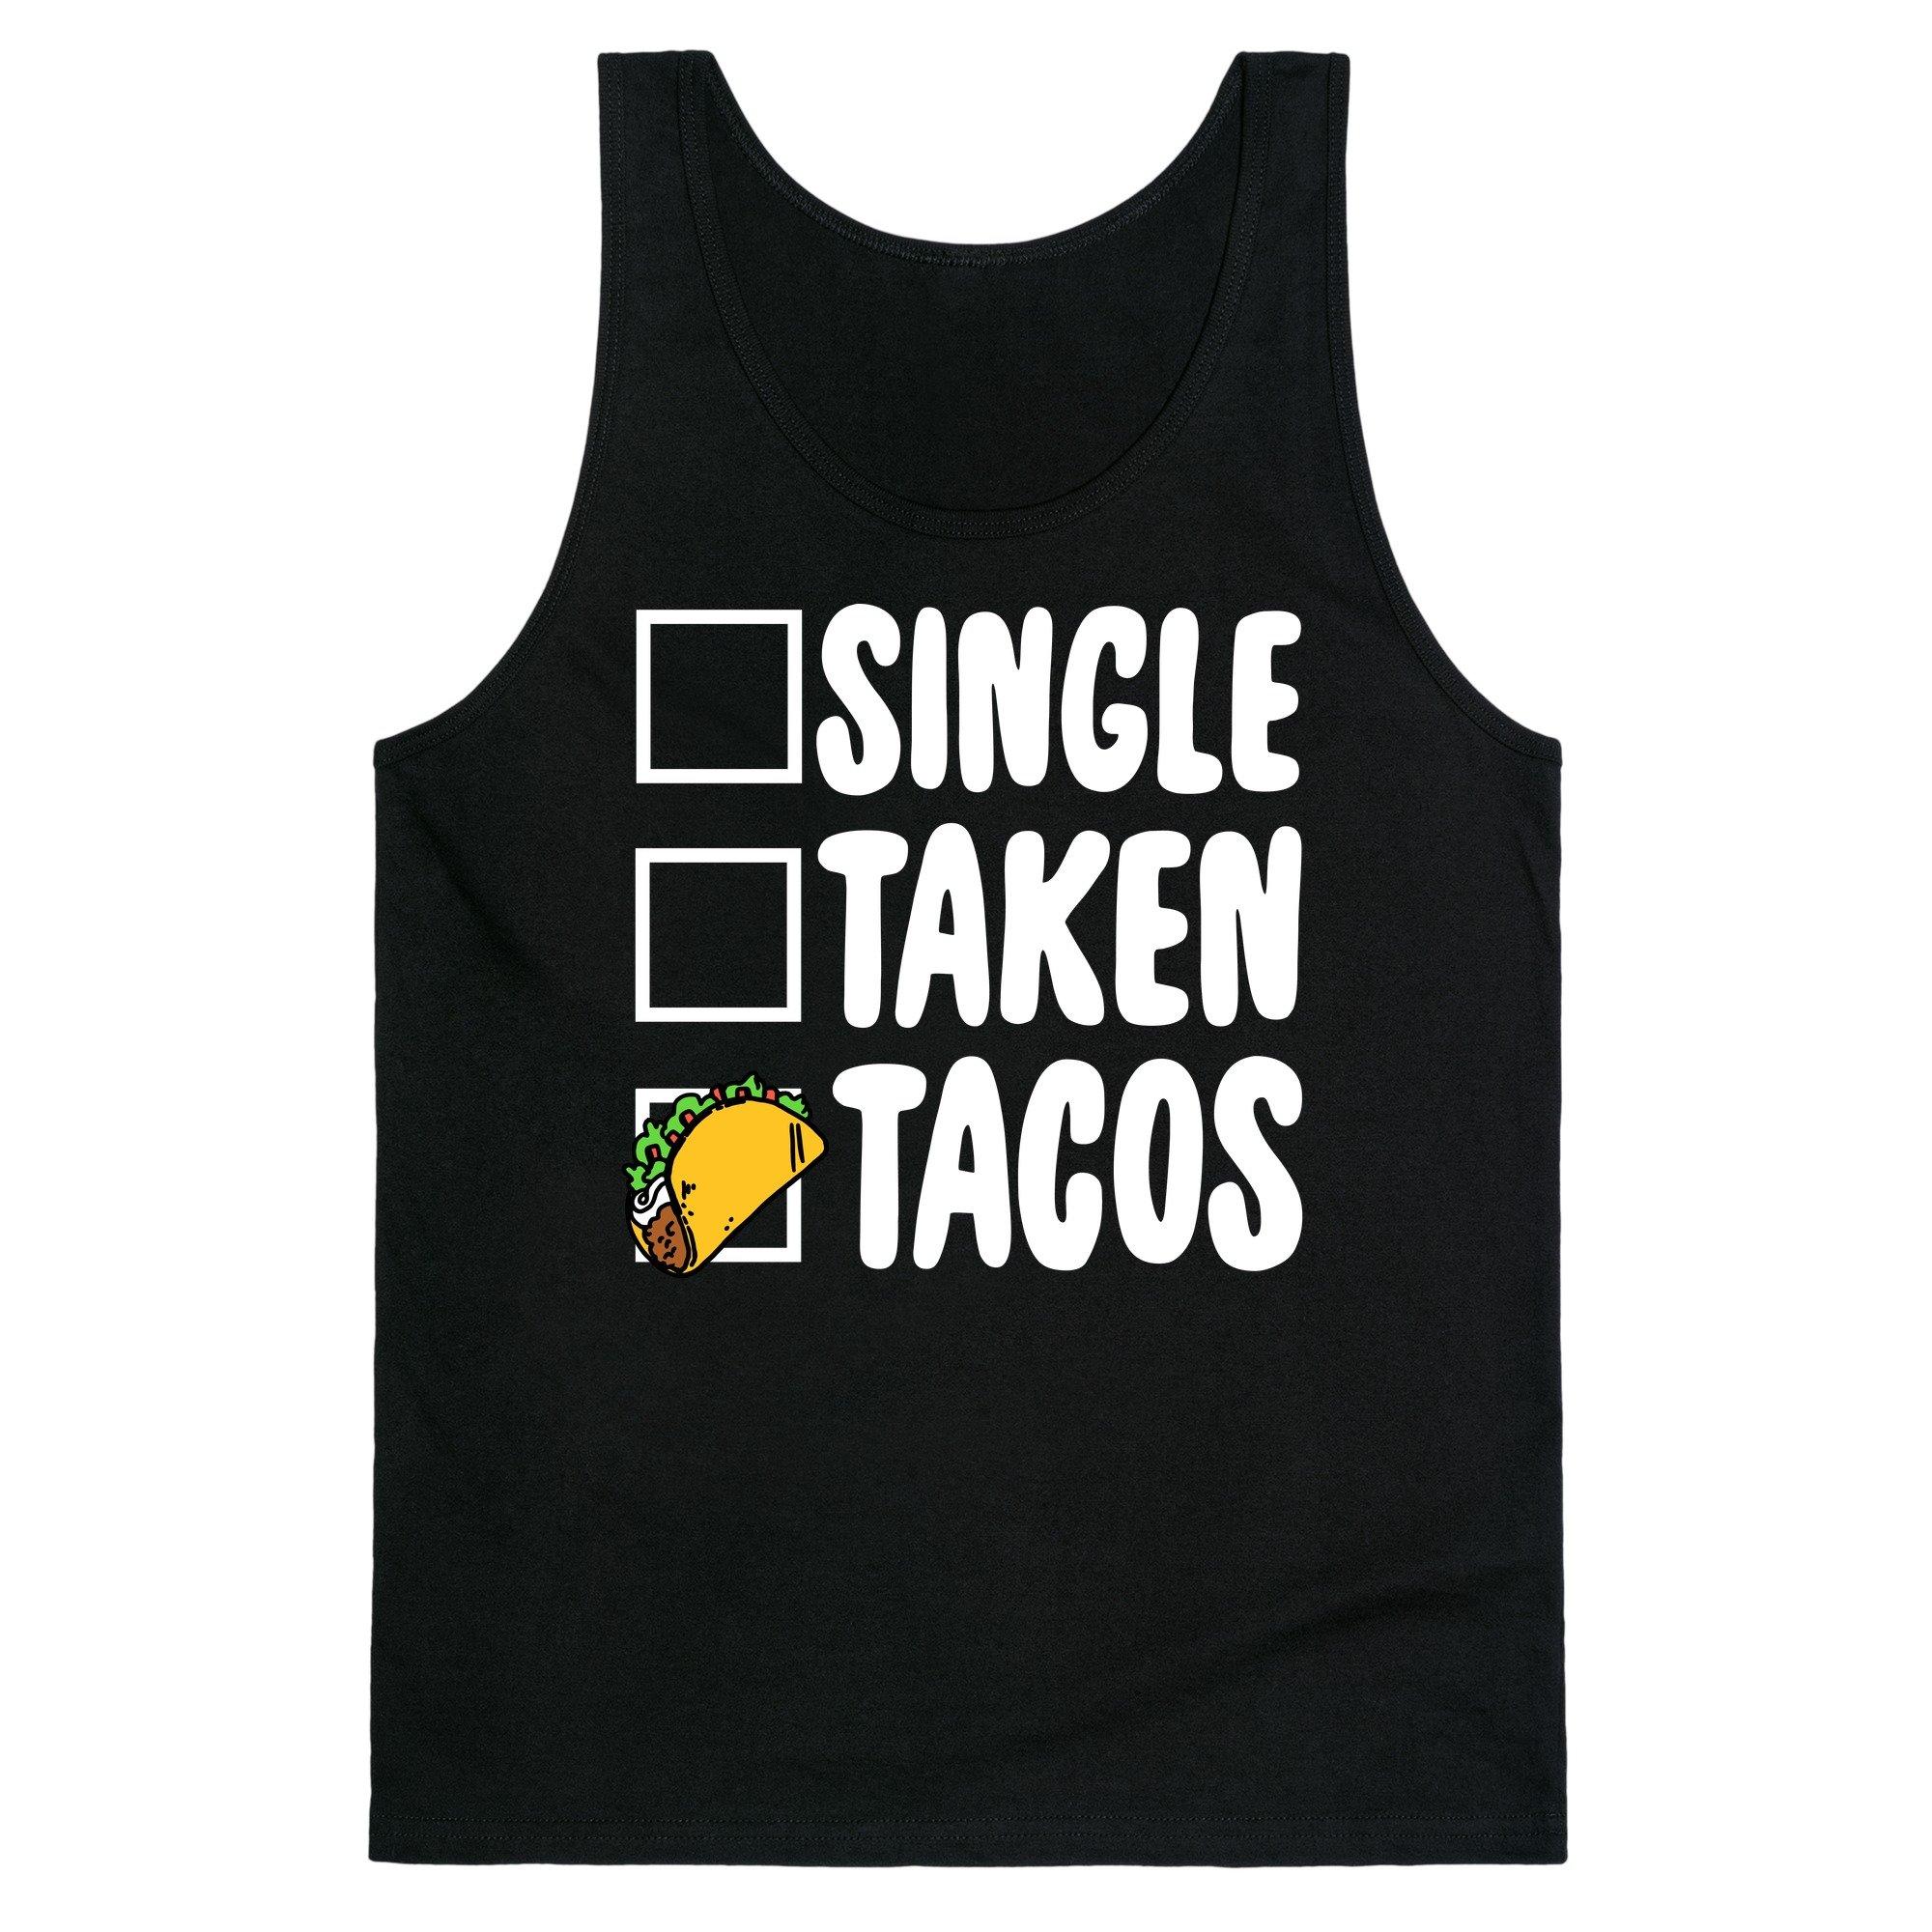 Single Taken Tacos S Unisex Tank Shirts